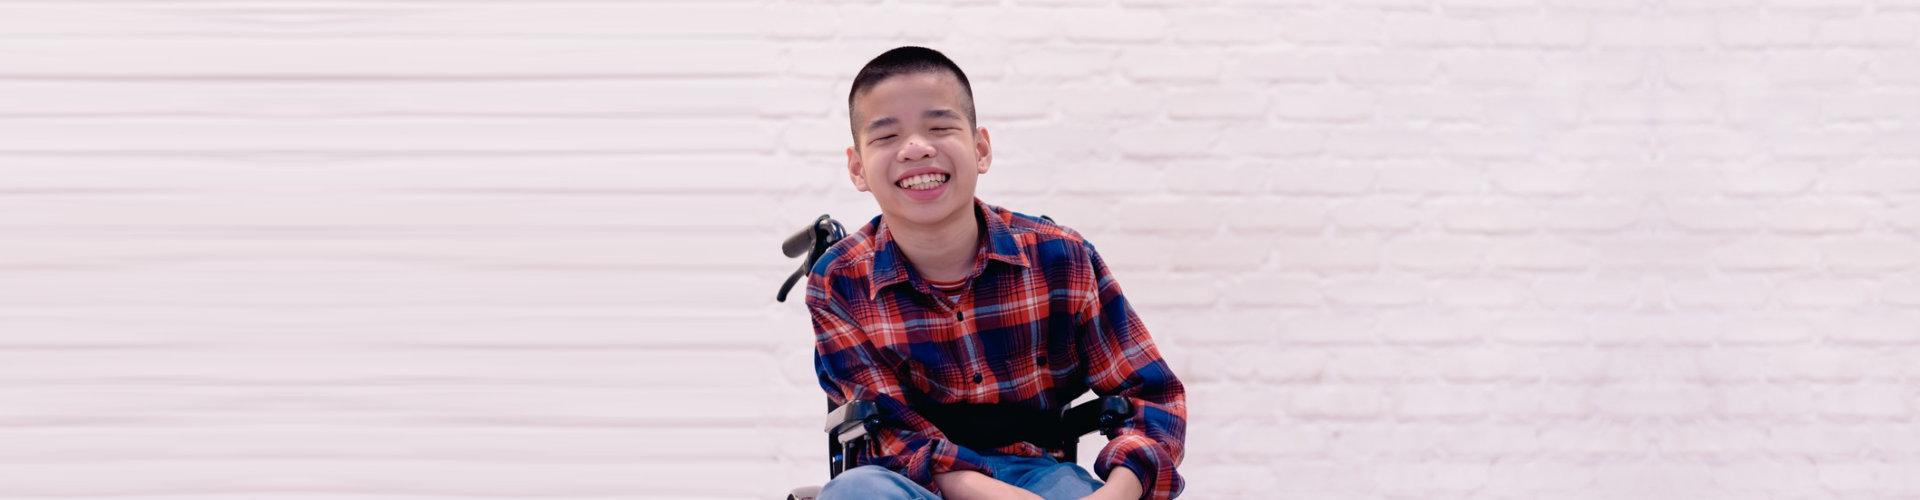 happy boy on a wheelchair